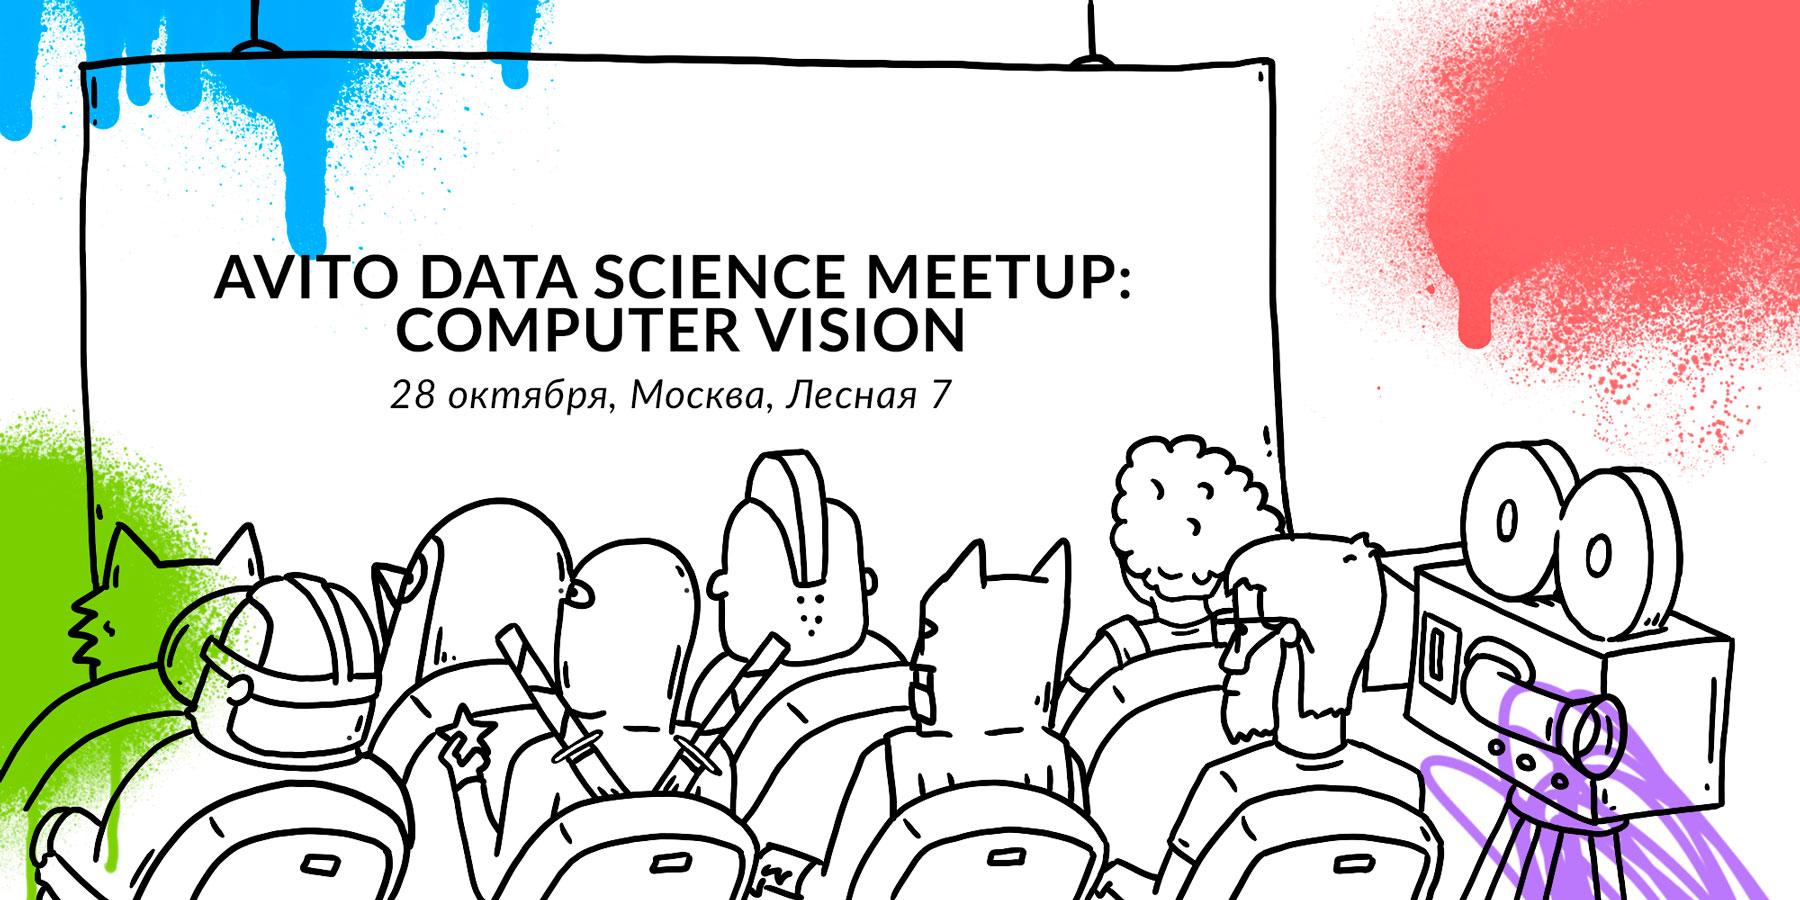 Приглашение на Meetup по компьютерному зрению в Avito, 28 октября - 1